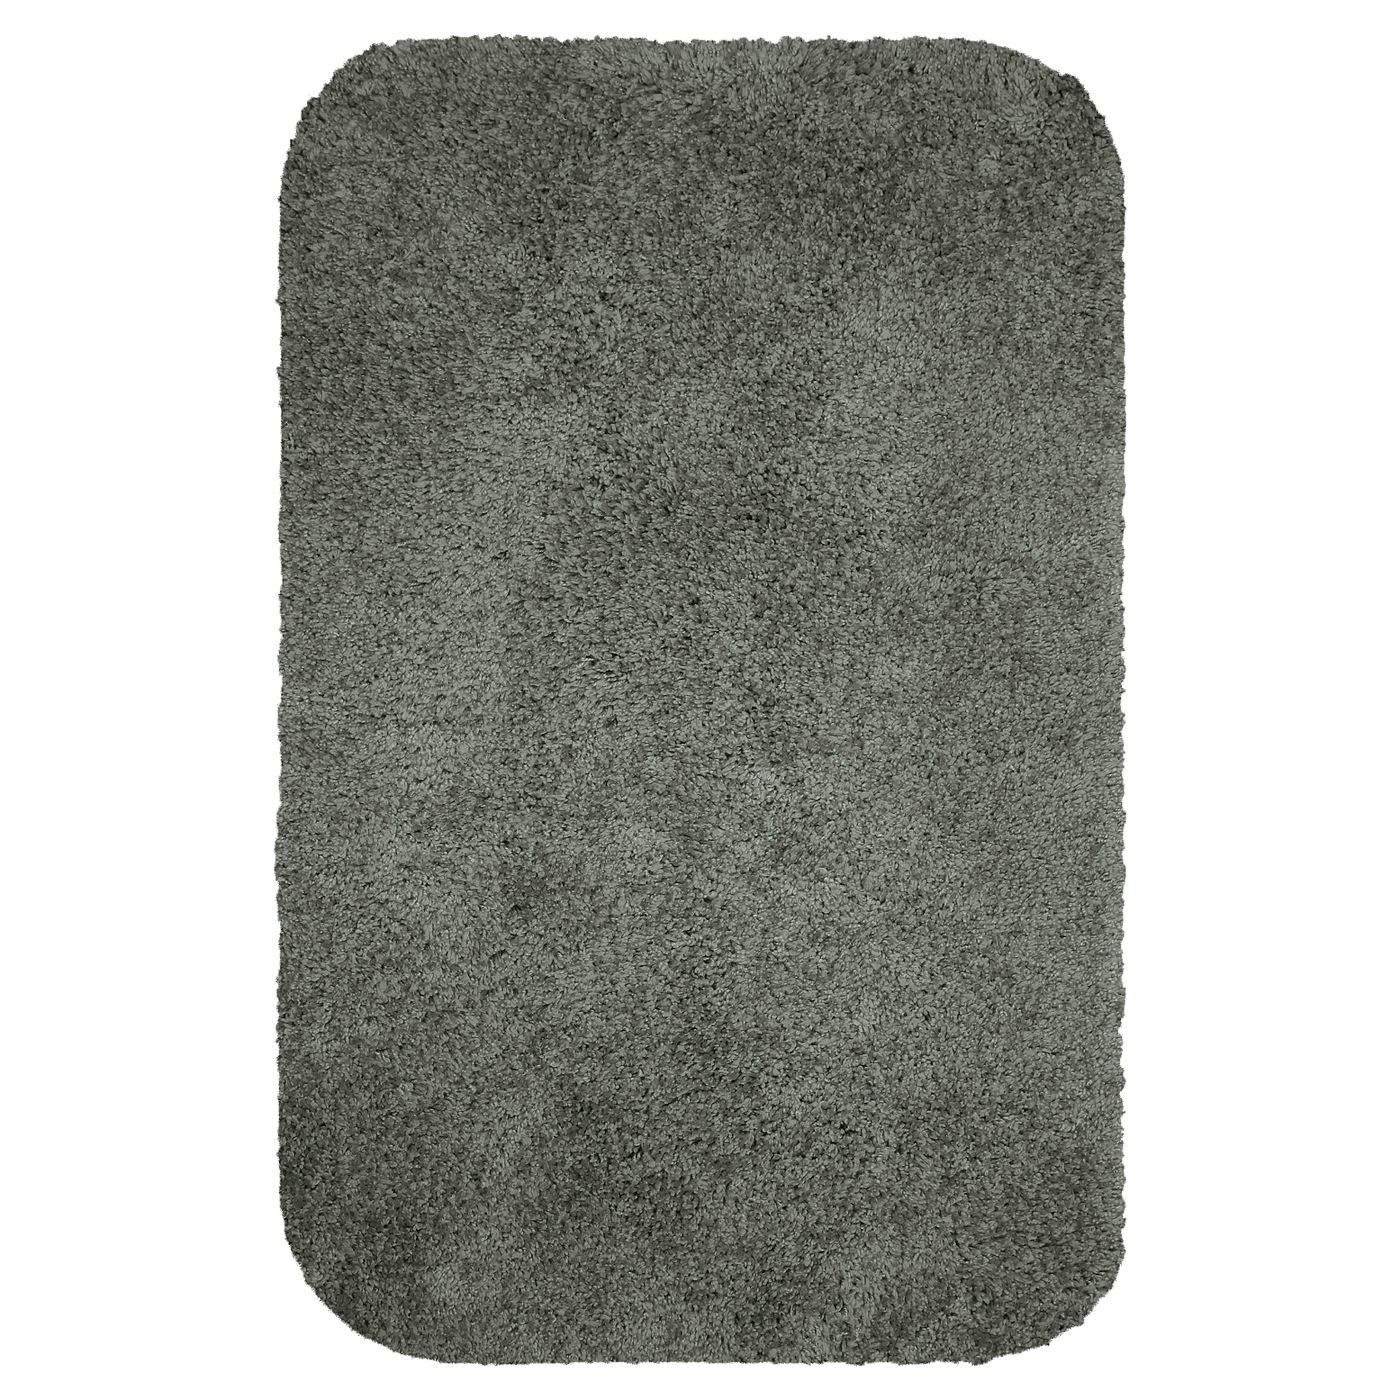 A grey bathroom mat